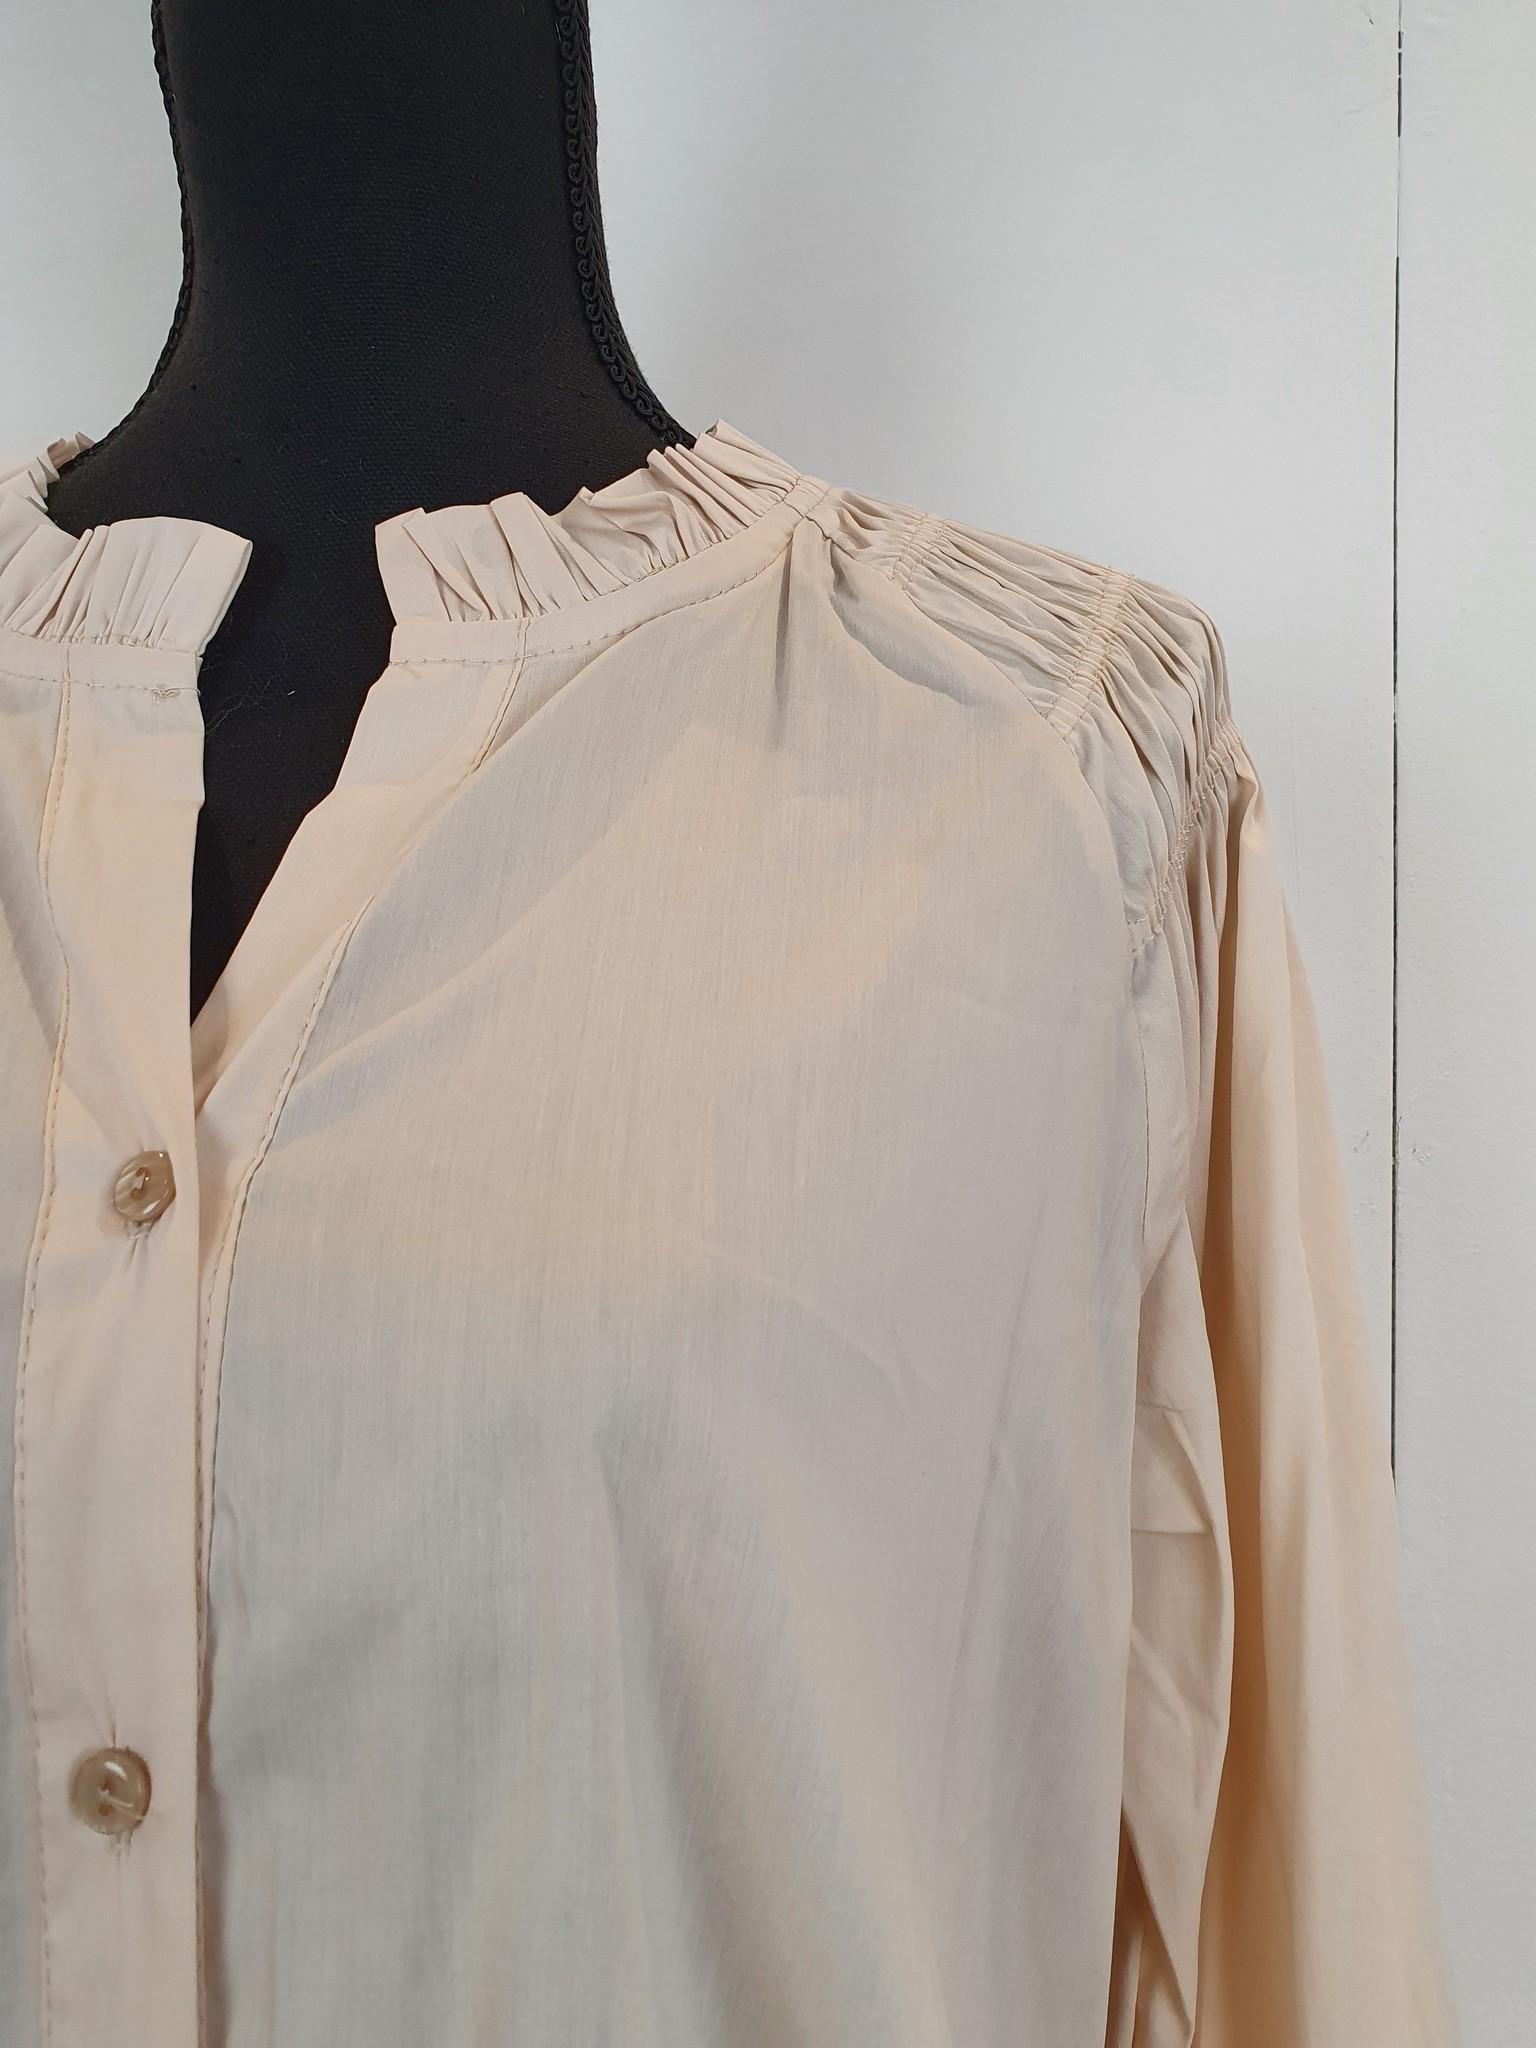 Chastar Chastar blouse beige